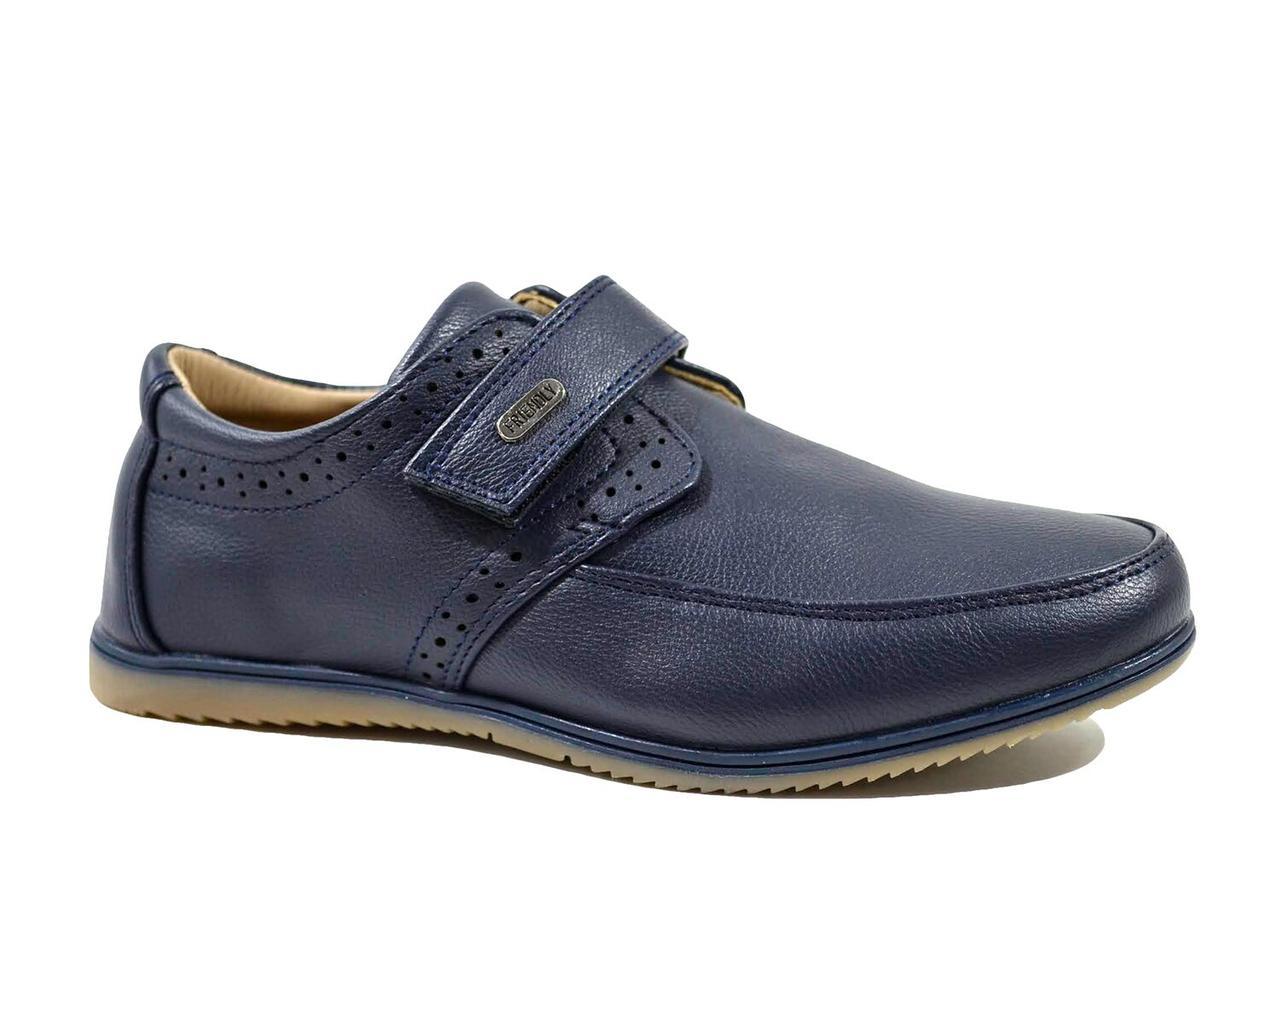 Темно-синие туфли TOM M для мальчика 35, 37 р